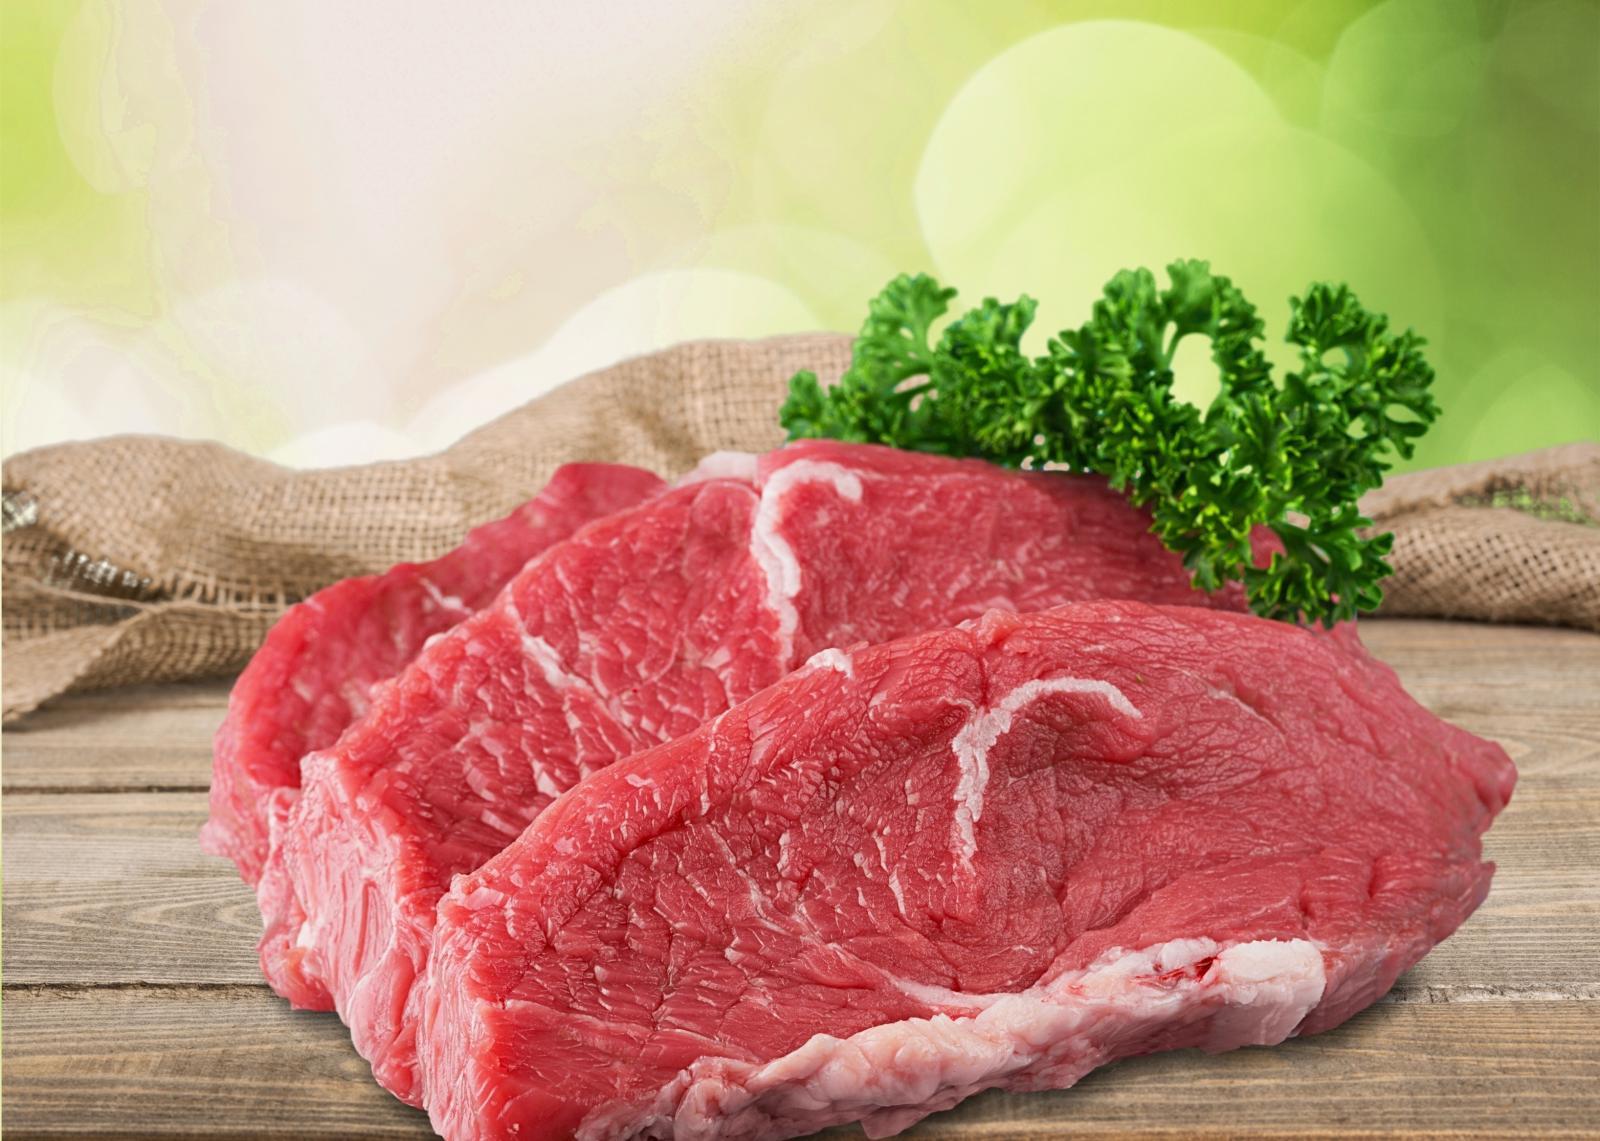 Crveno meso bogat je izvor proteina.